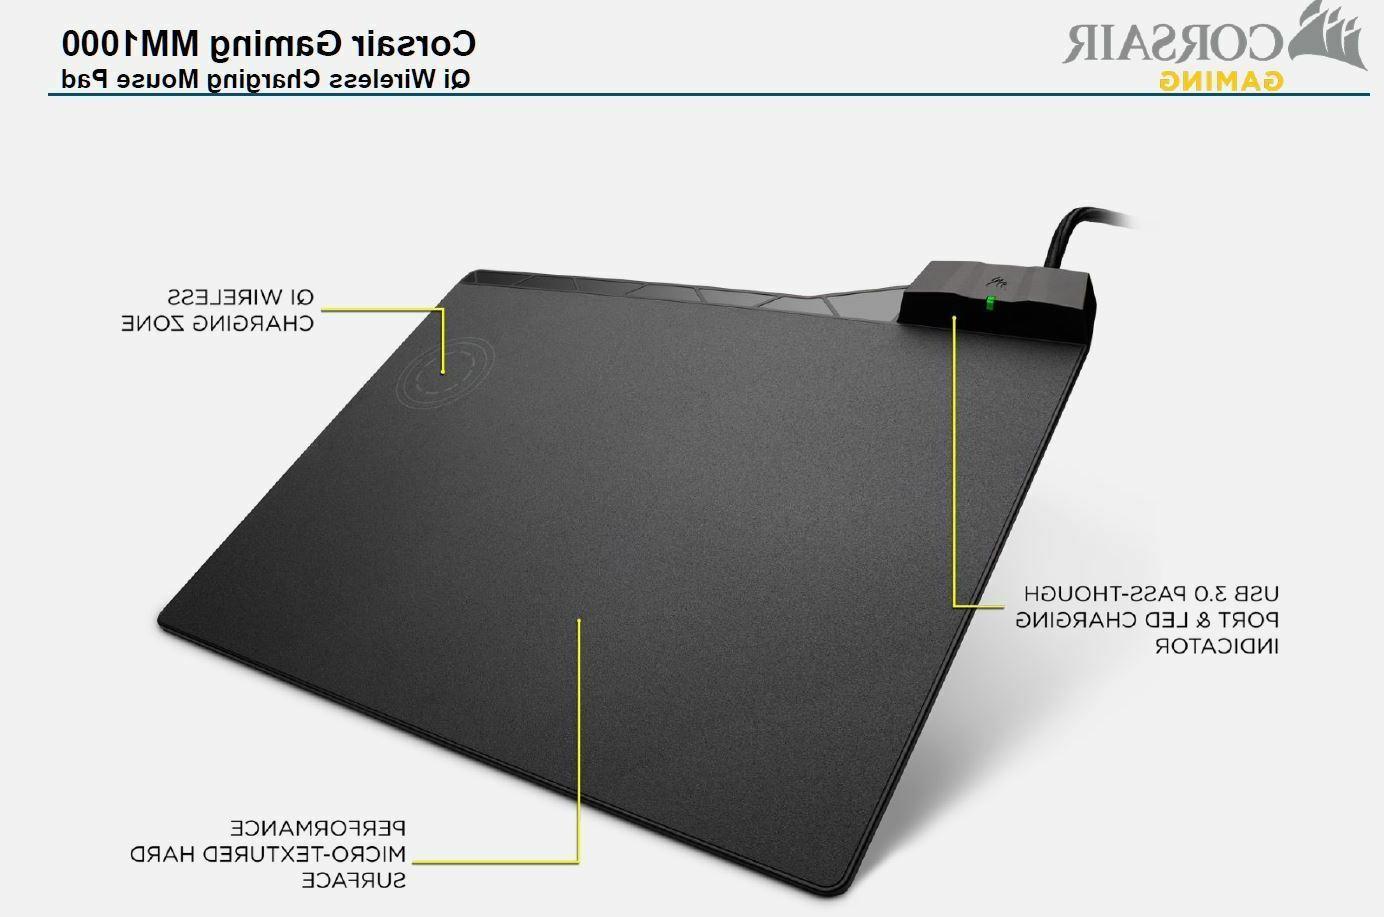 Corsair Charging Pad,USB Pass-through,CH-9440022-AP